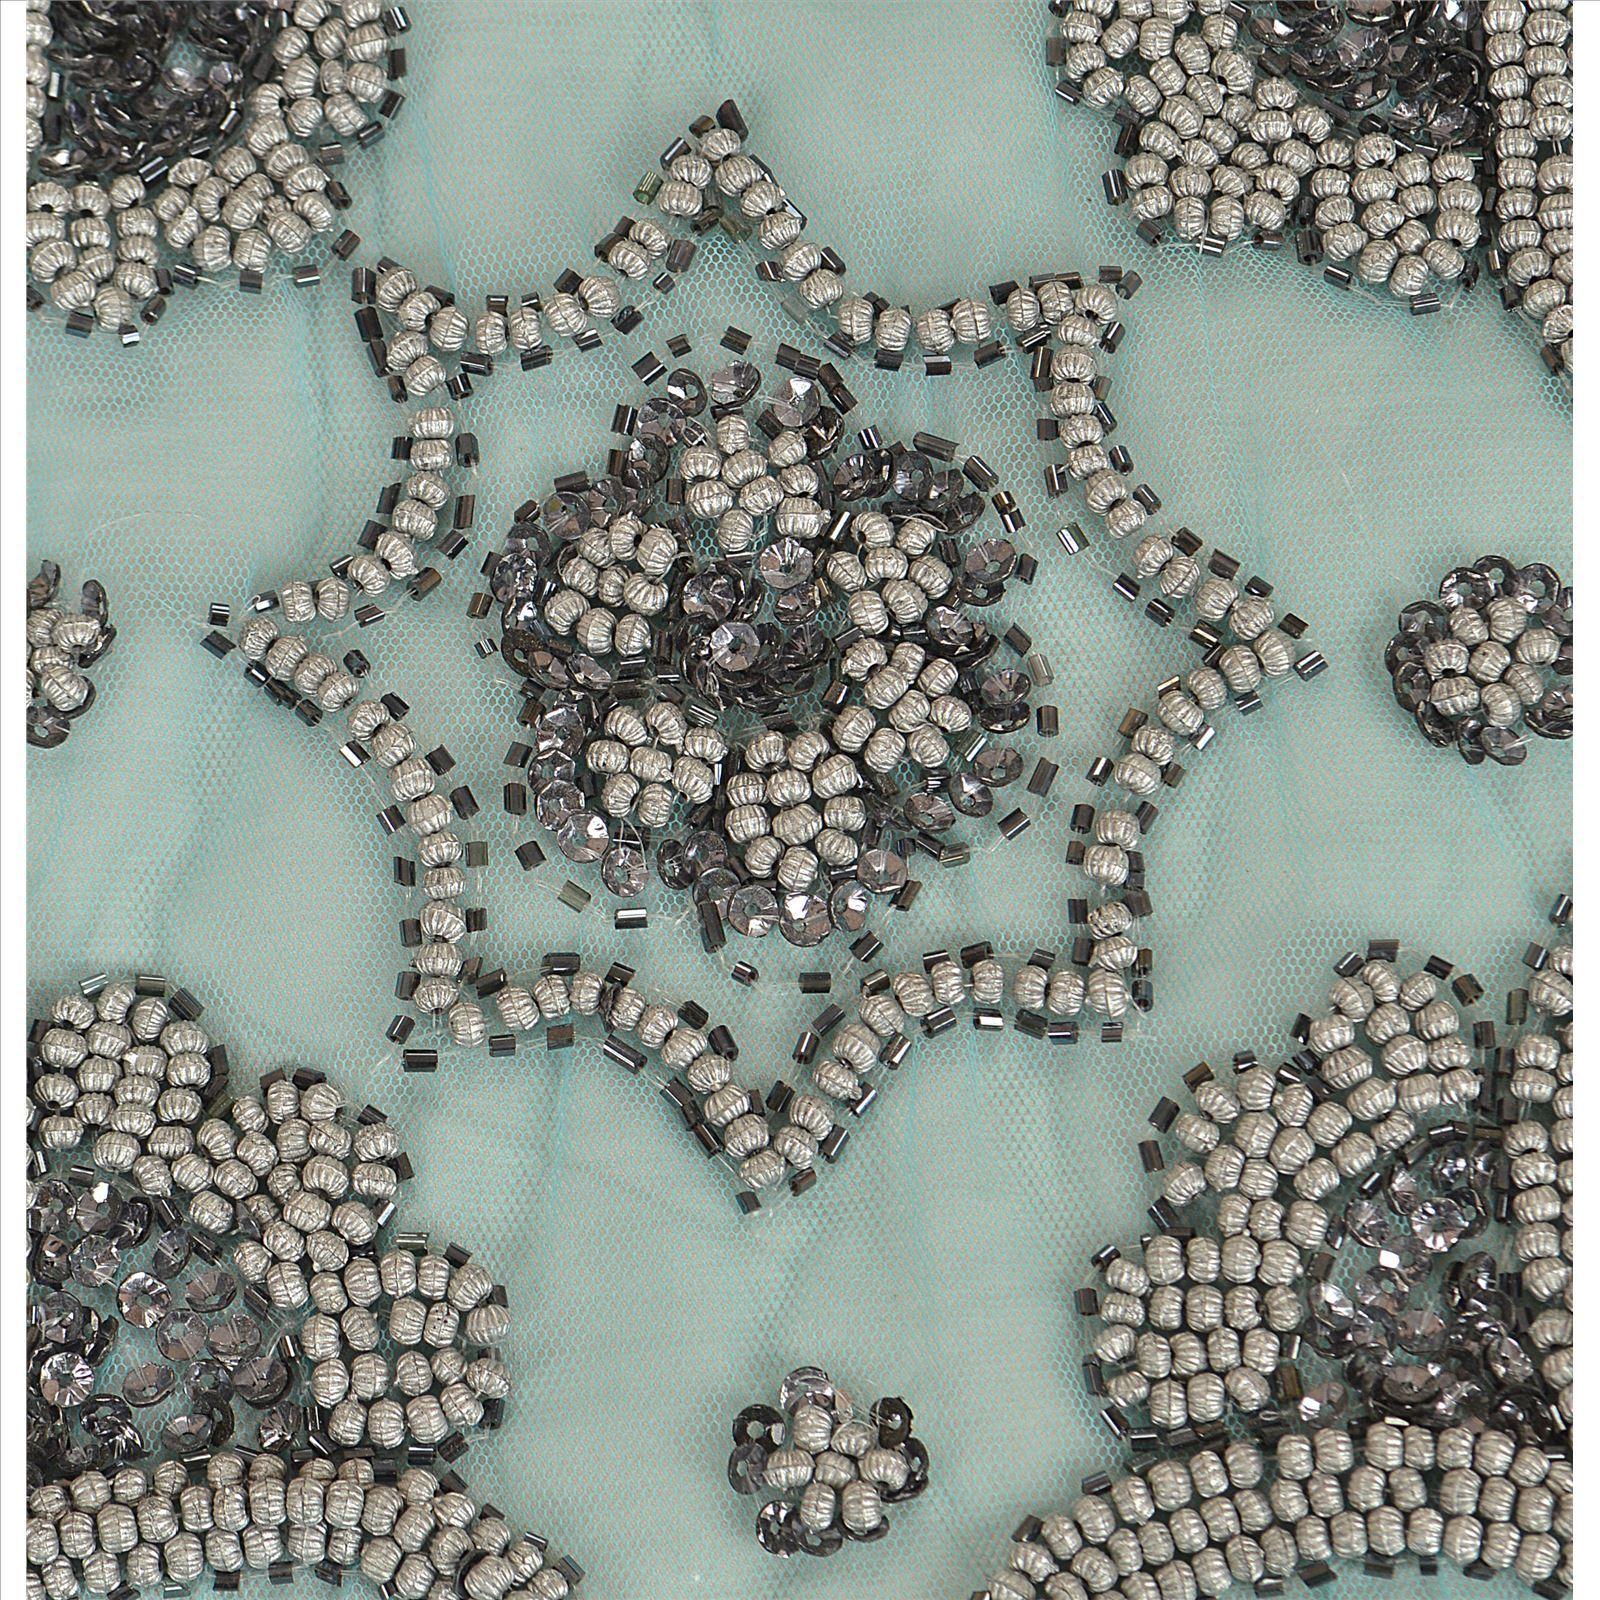 刺绣餐巾 珠绣餐垫 串珠餐垫     可以做圆形,长方形,正方形,花型图案